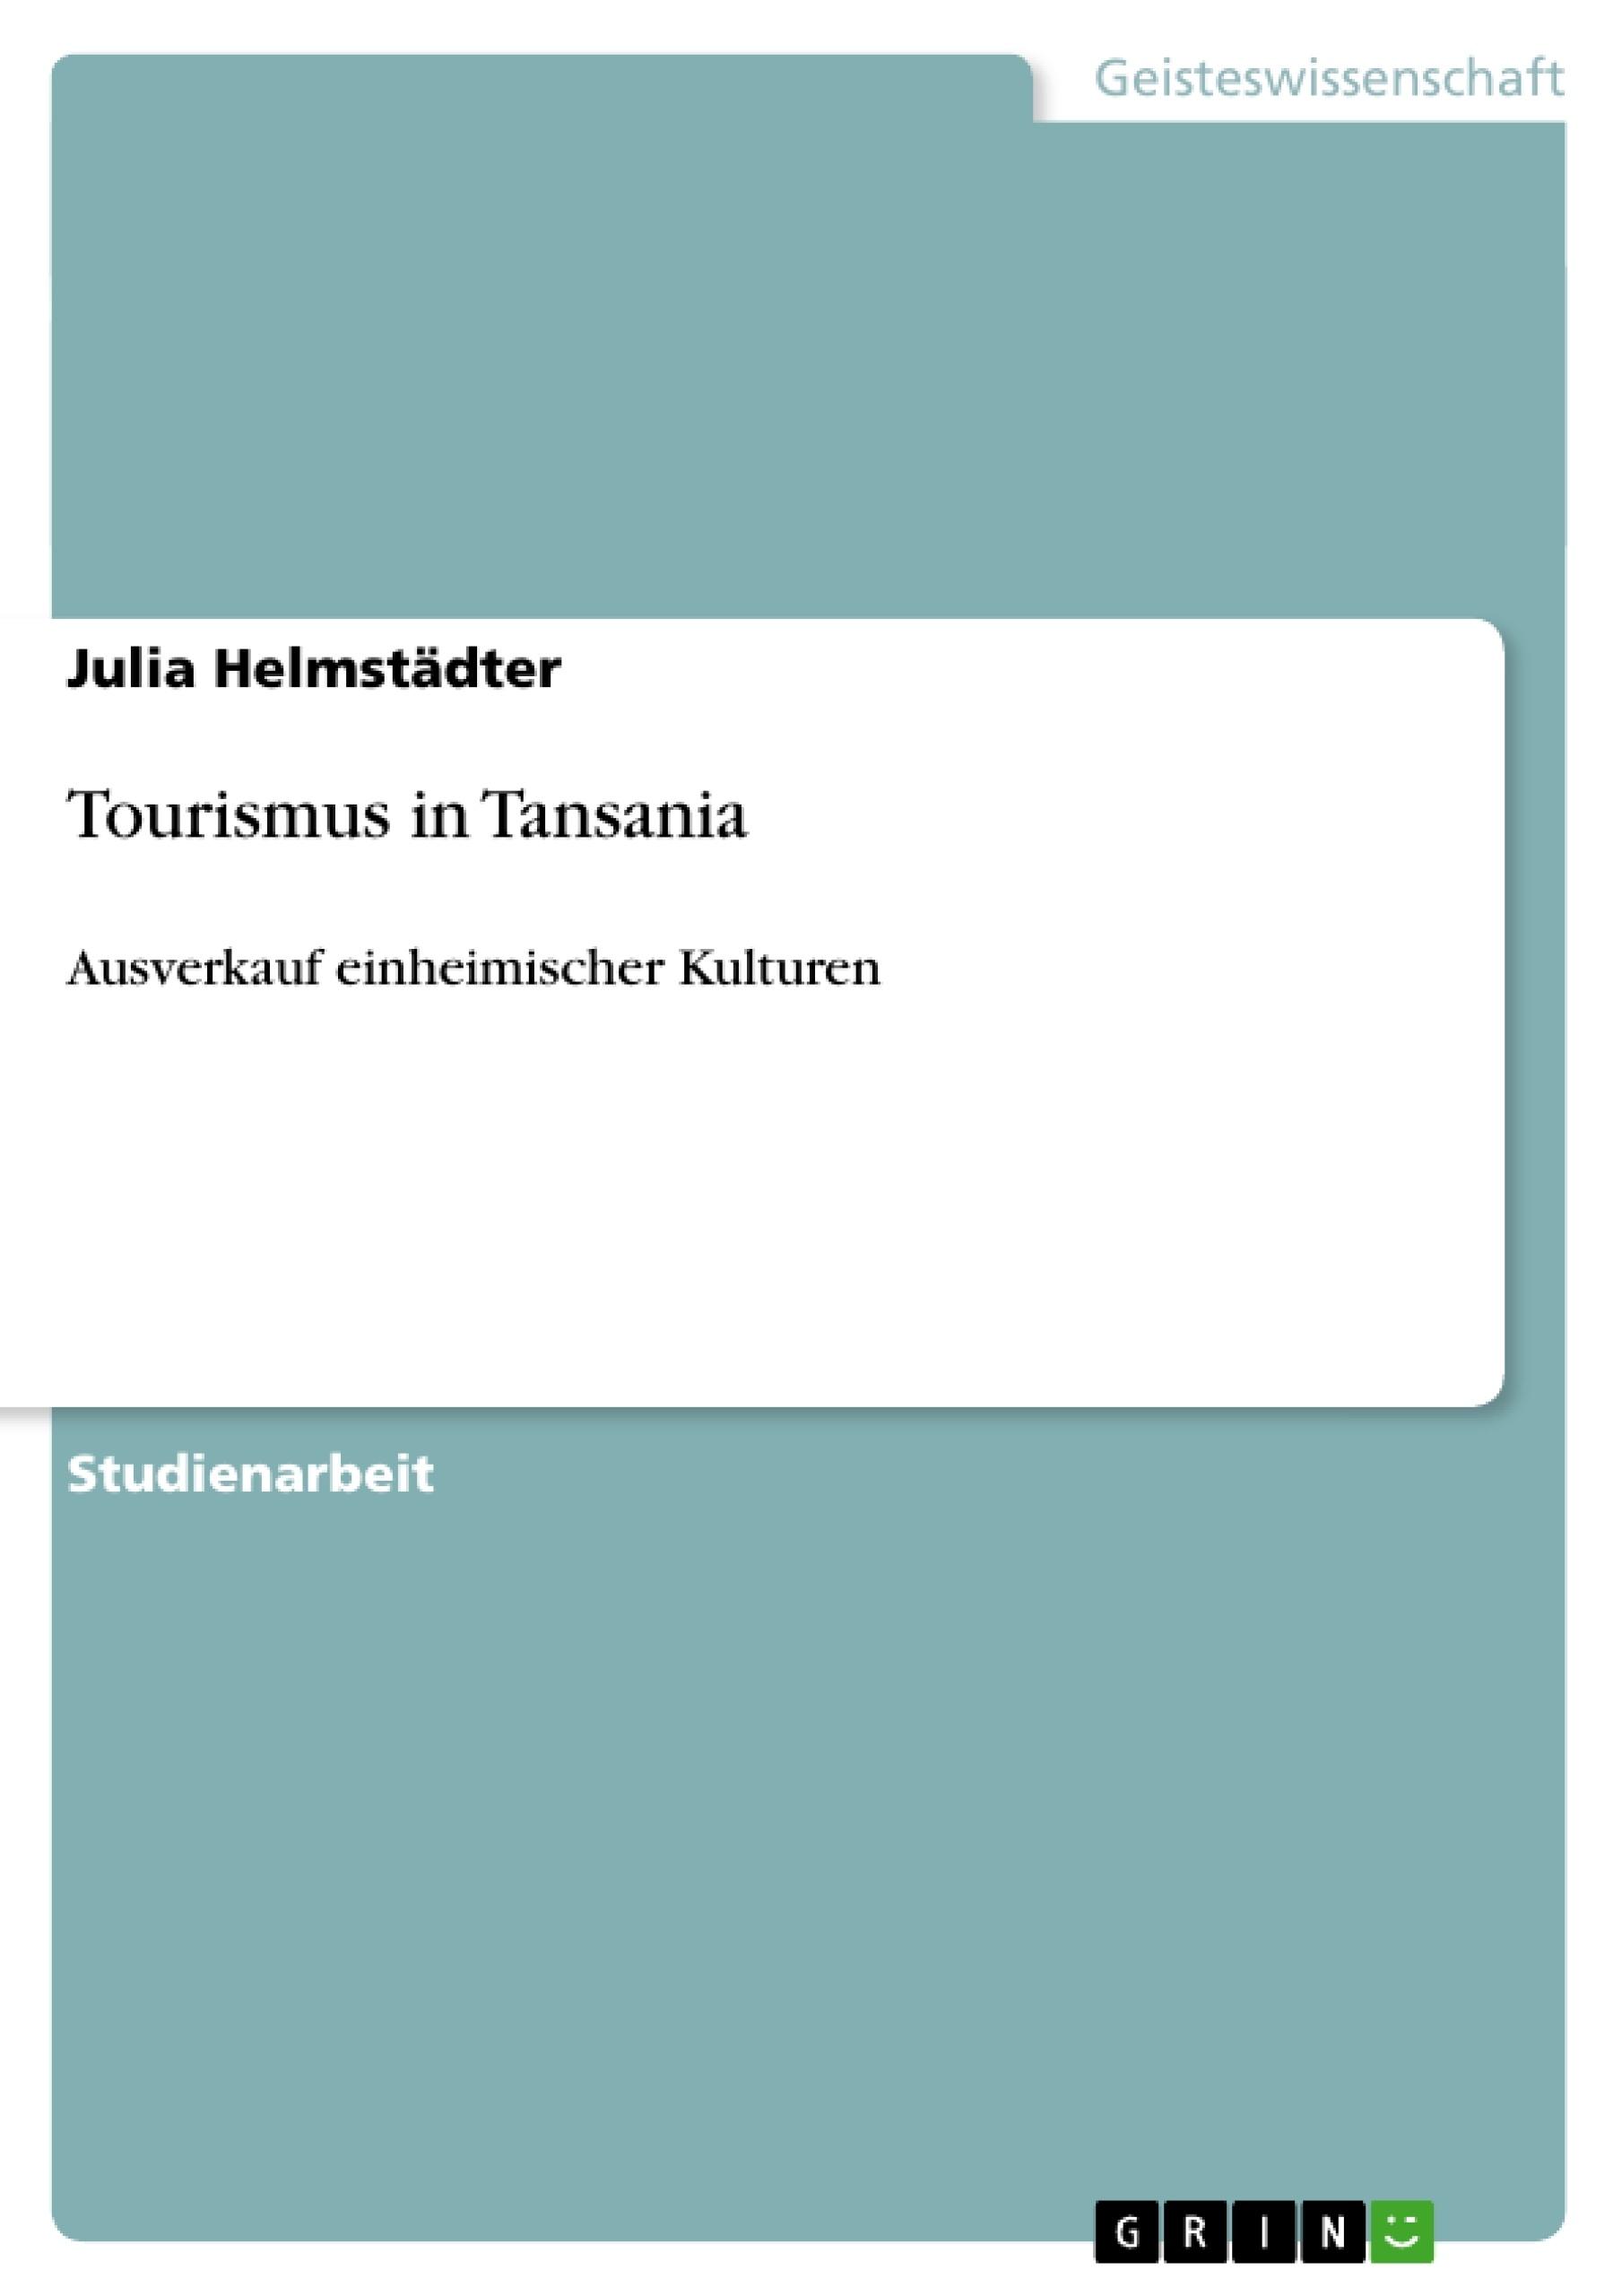 Titel: Tourismus in Tansania